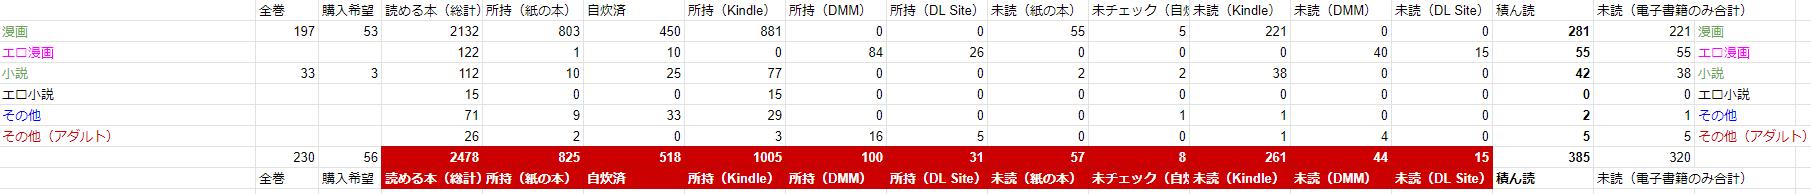 tsumibon-2020-8-2.png